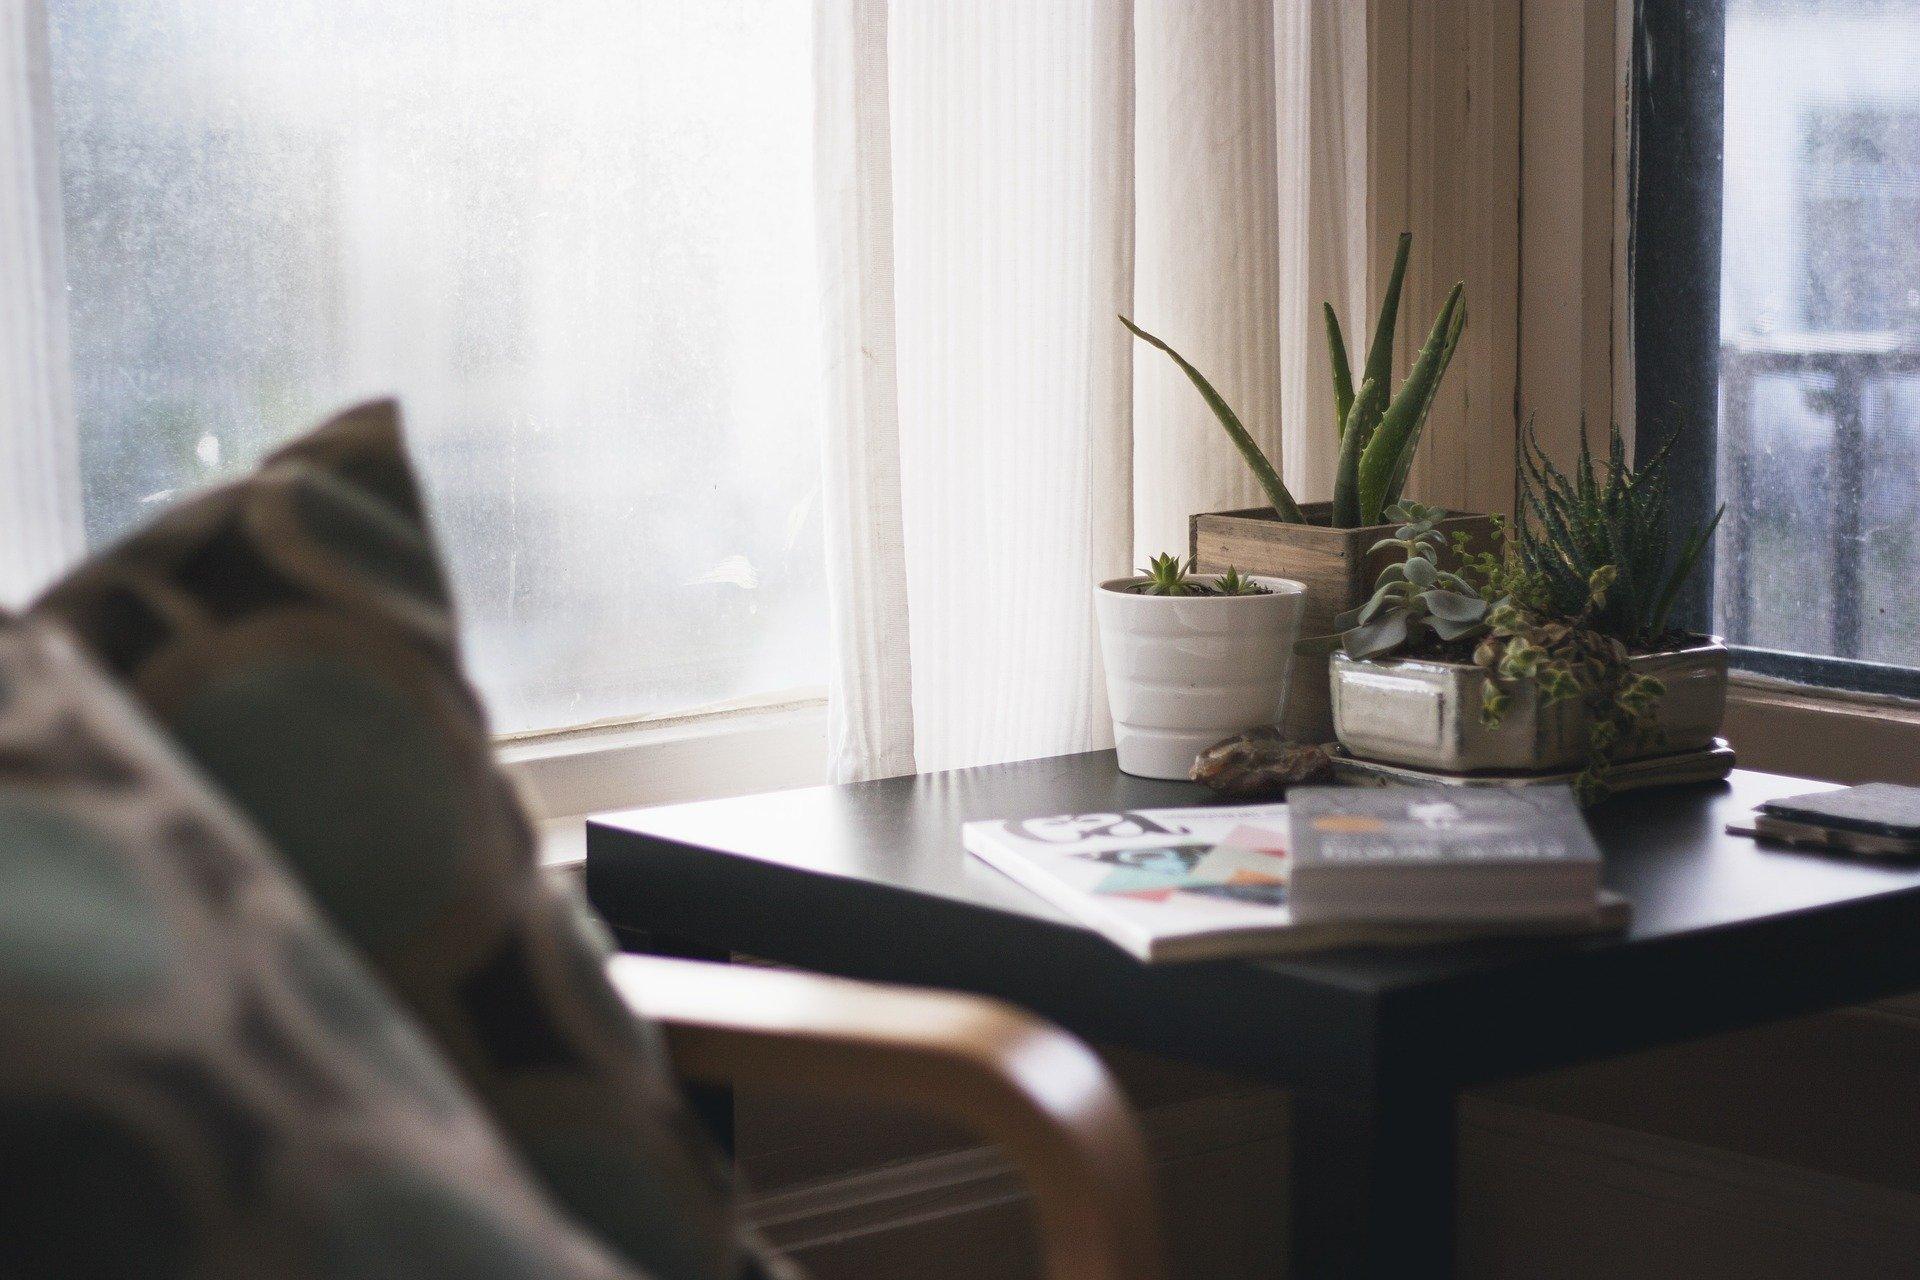 več sobnih rastlin na mizi